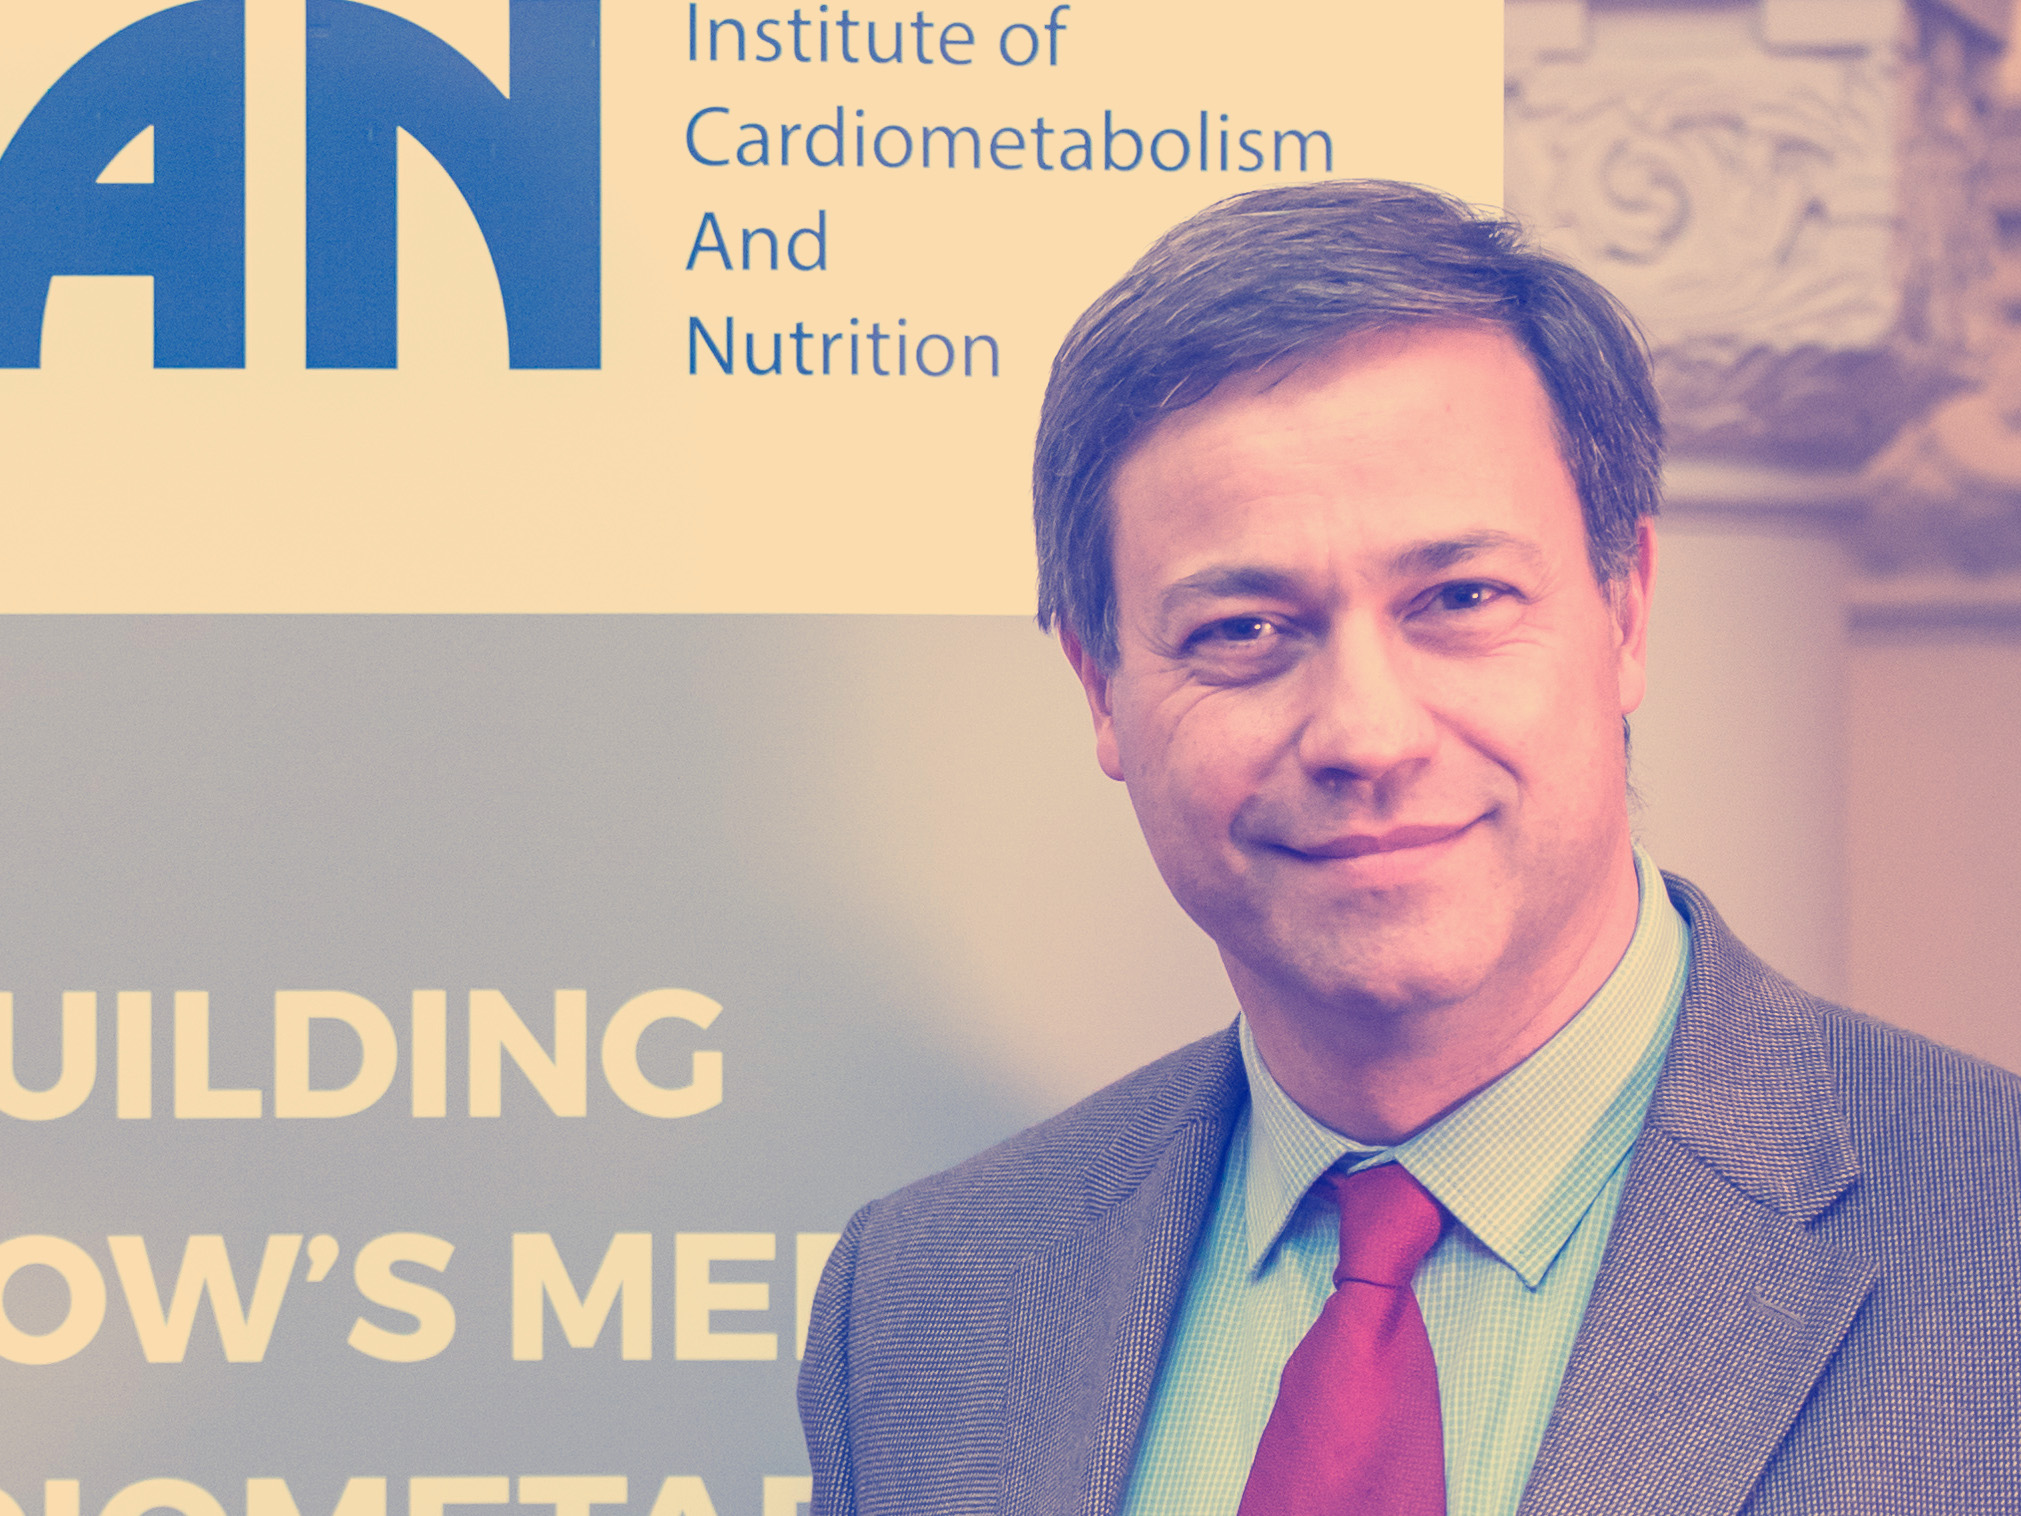 Vlad Ratziu